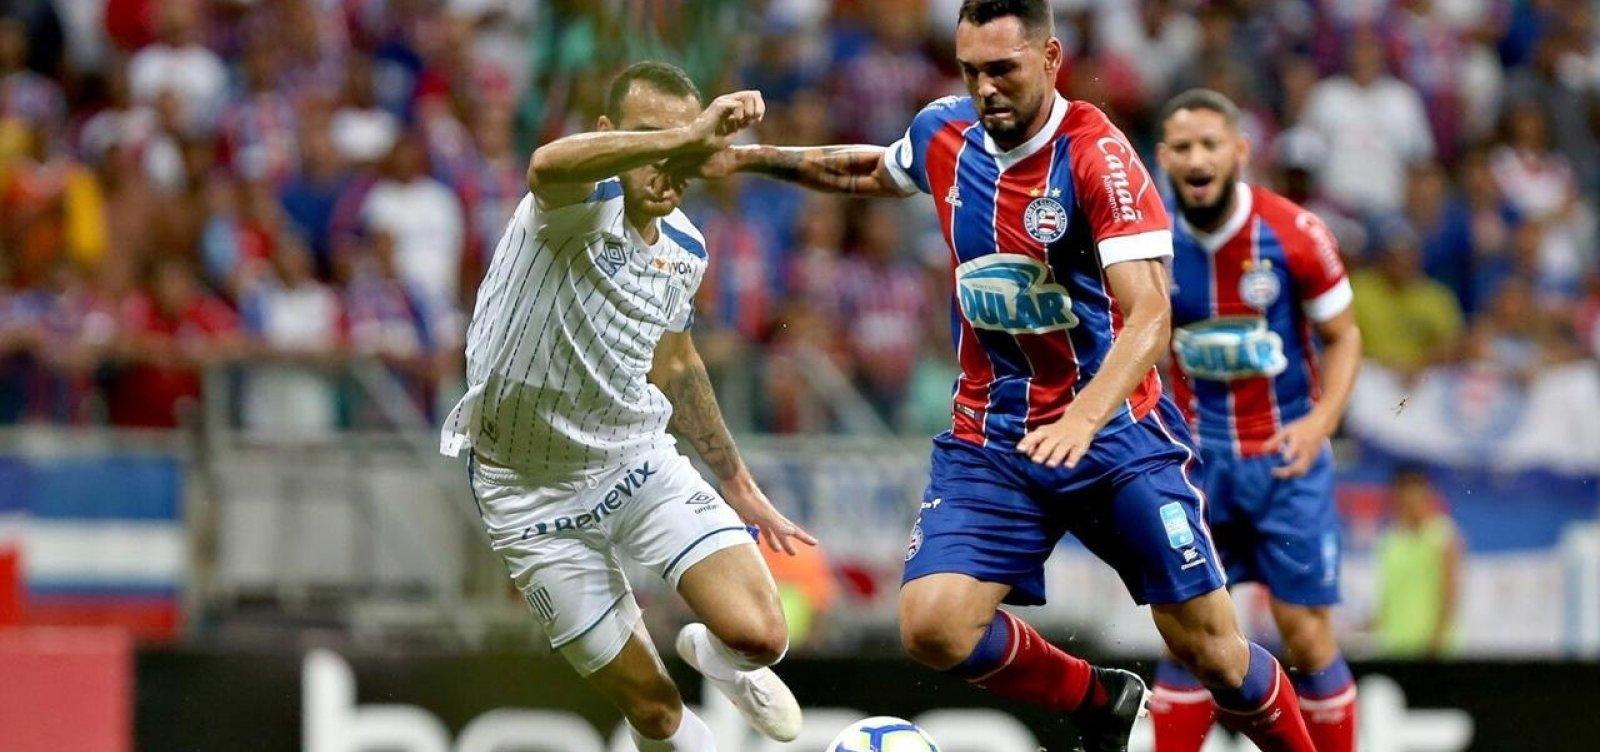 Bahia vence Avaí por 1 a 0 na Arena Fonte Nova